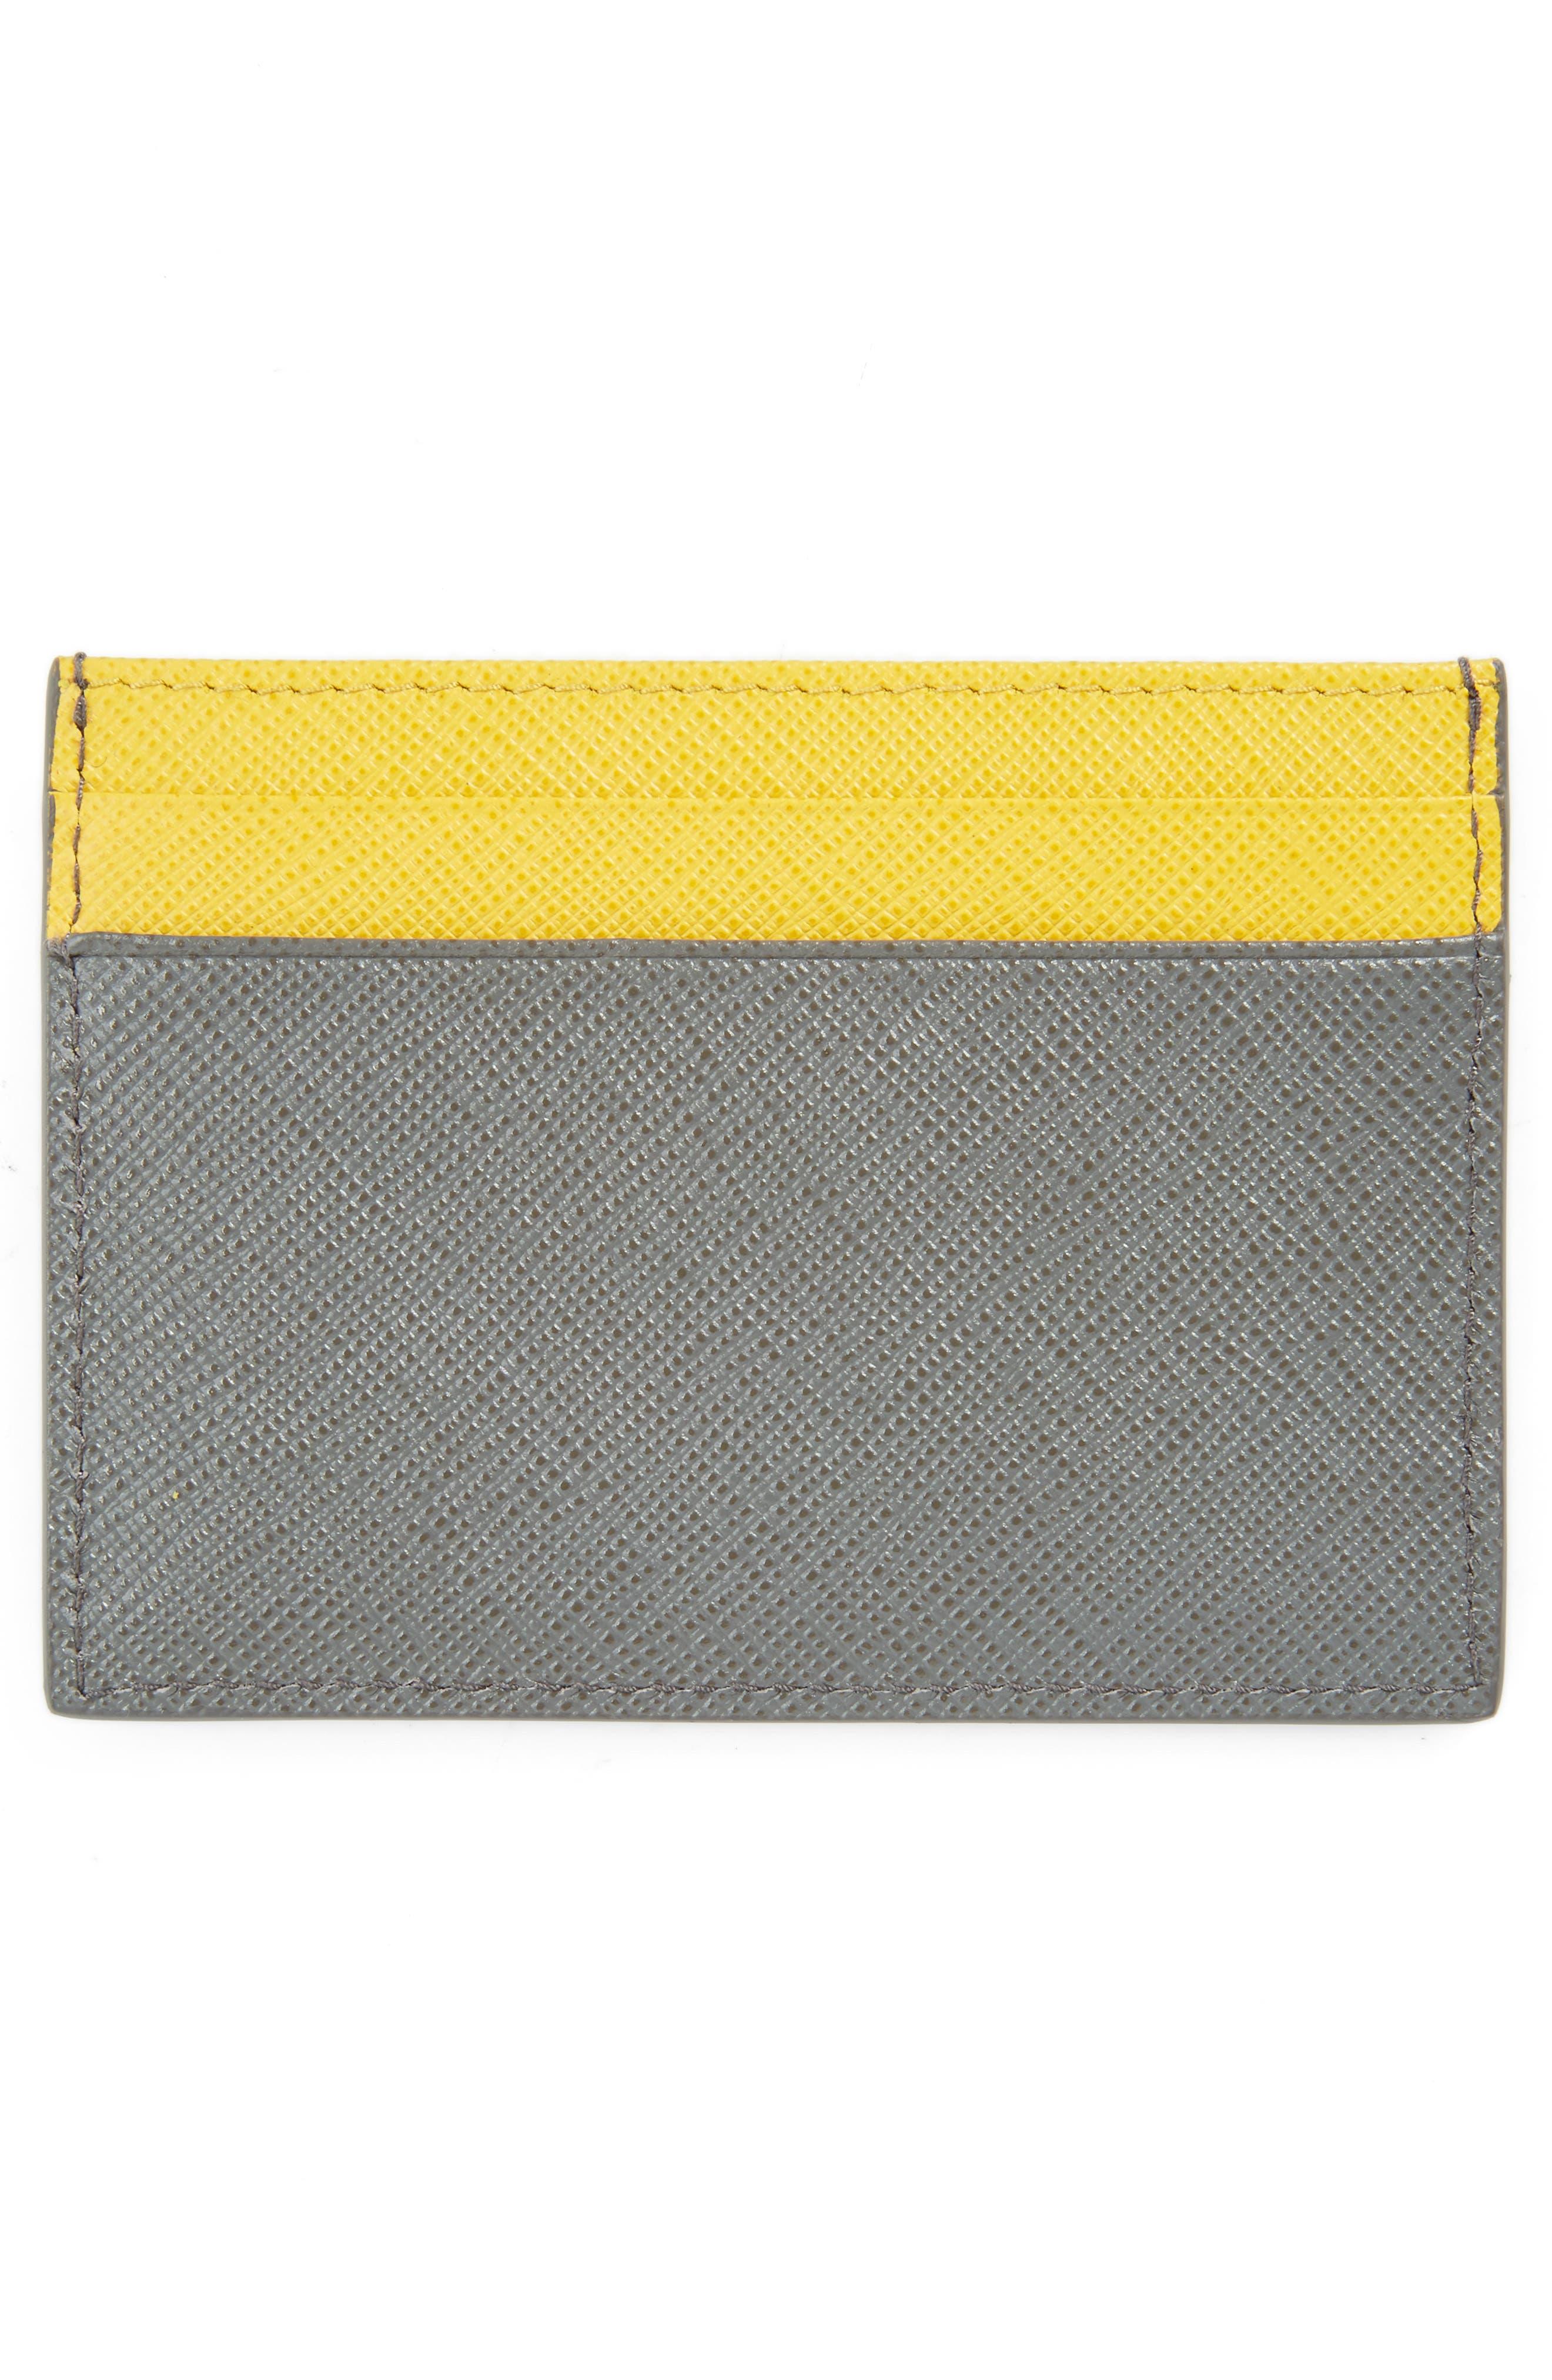 Alternate Image 2  - Prada Bicolor Saffiano Leather Card Case